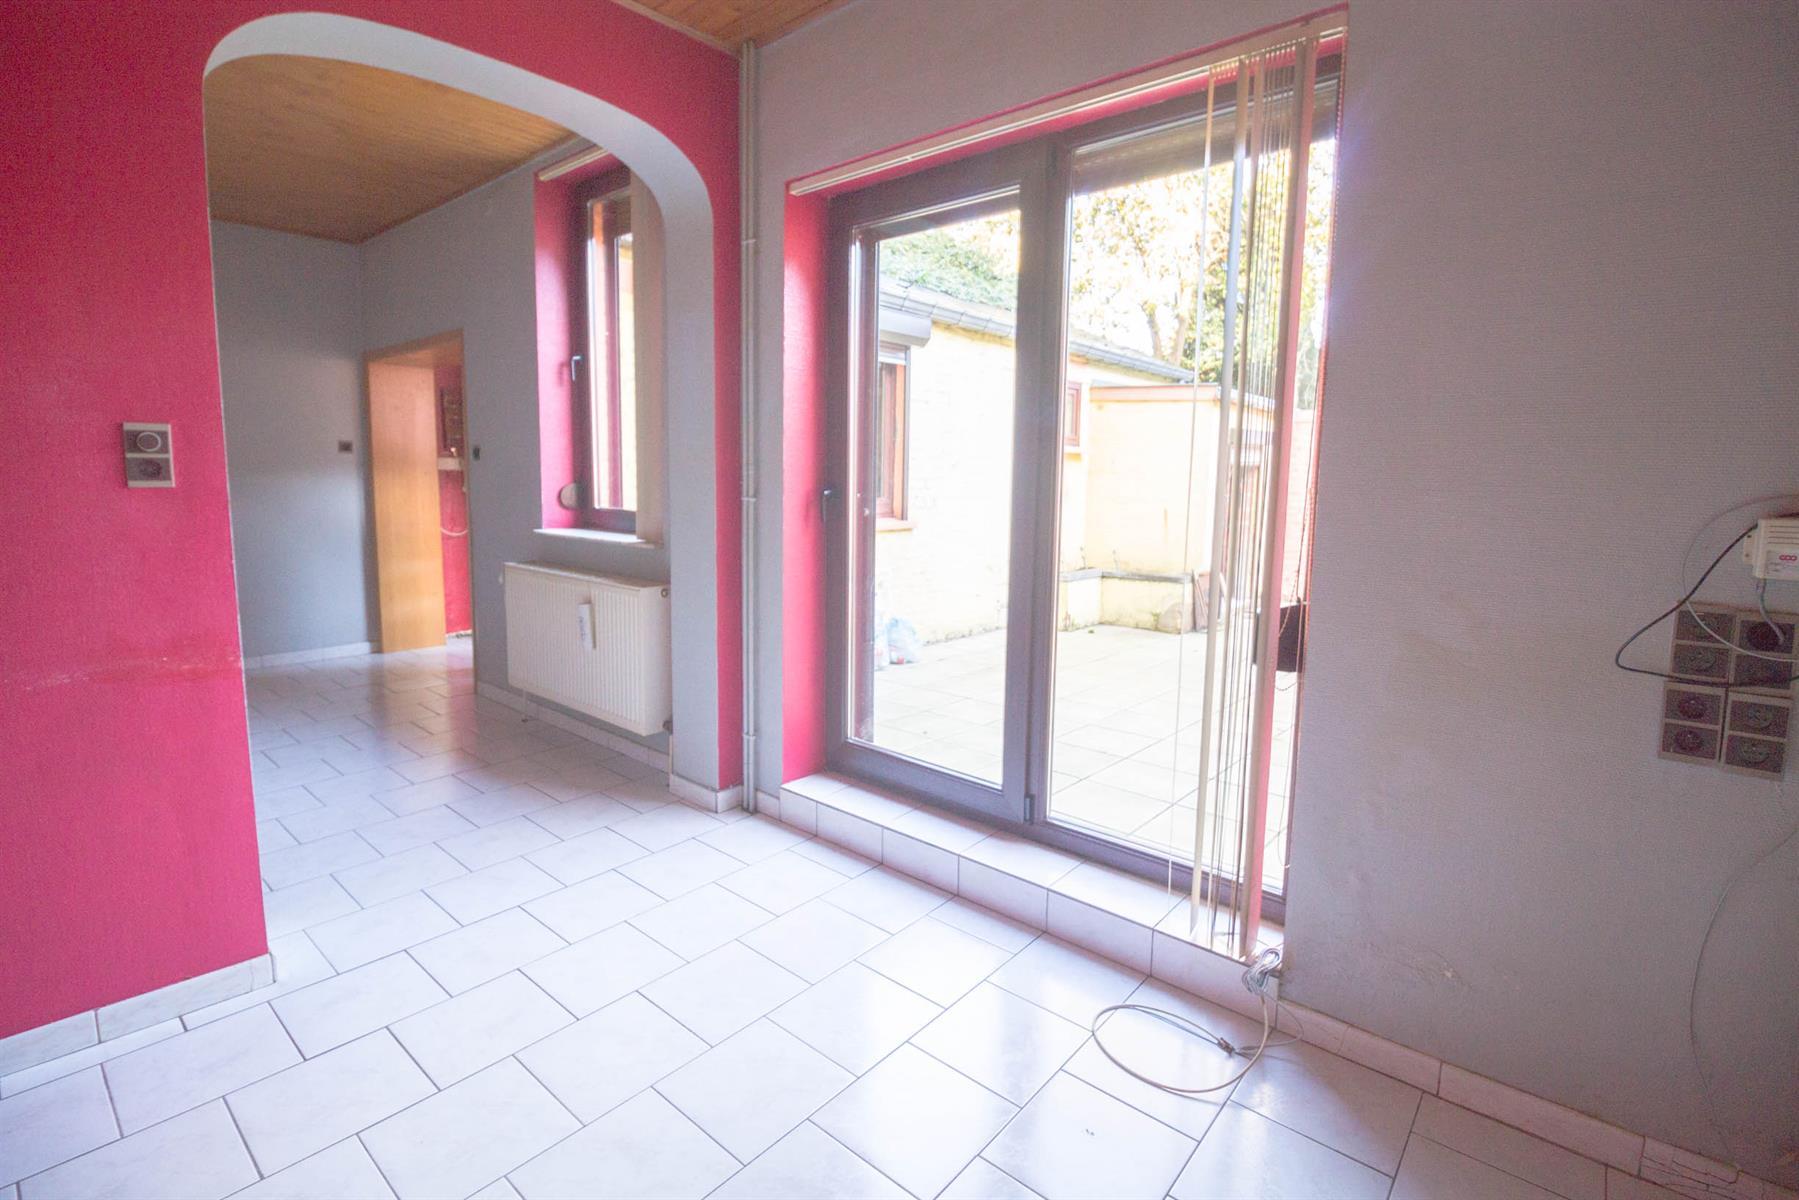 Maison - Marchienne-au-Pont - #4027759-5